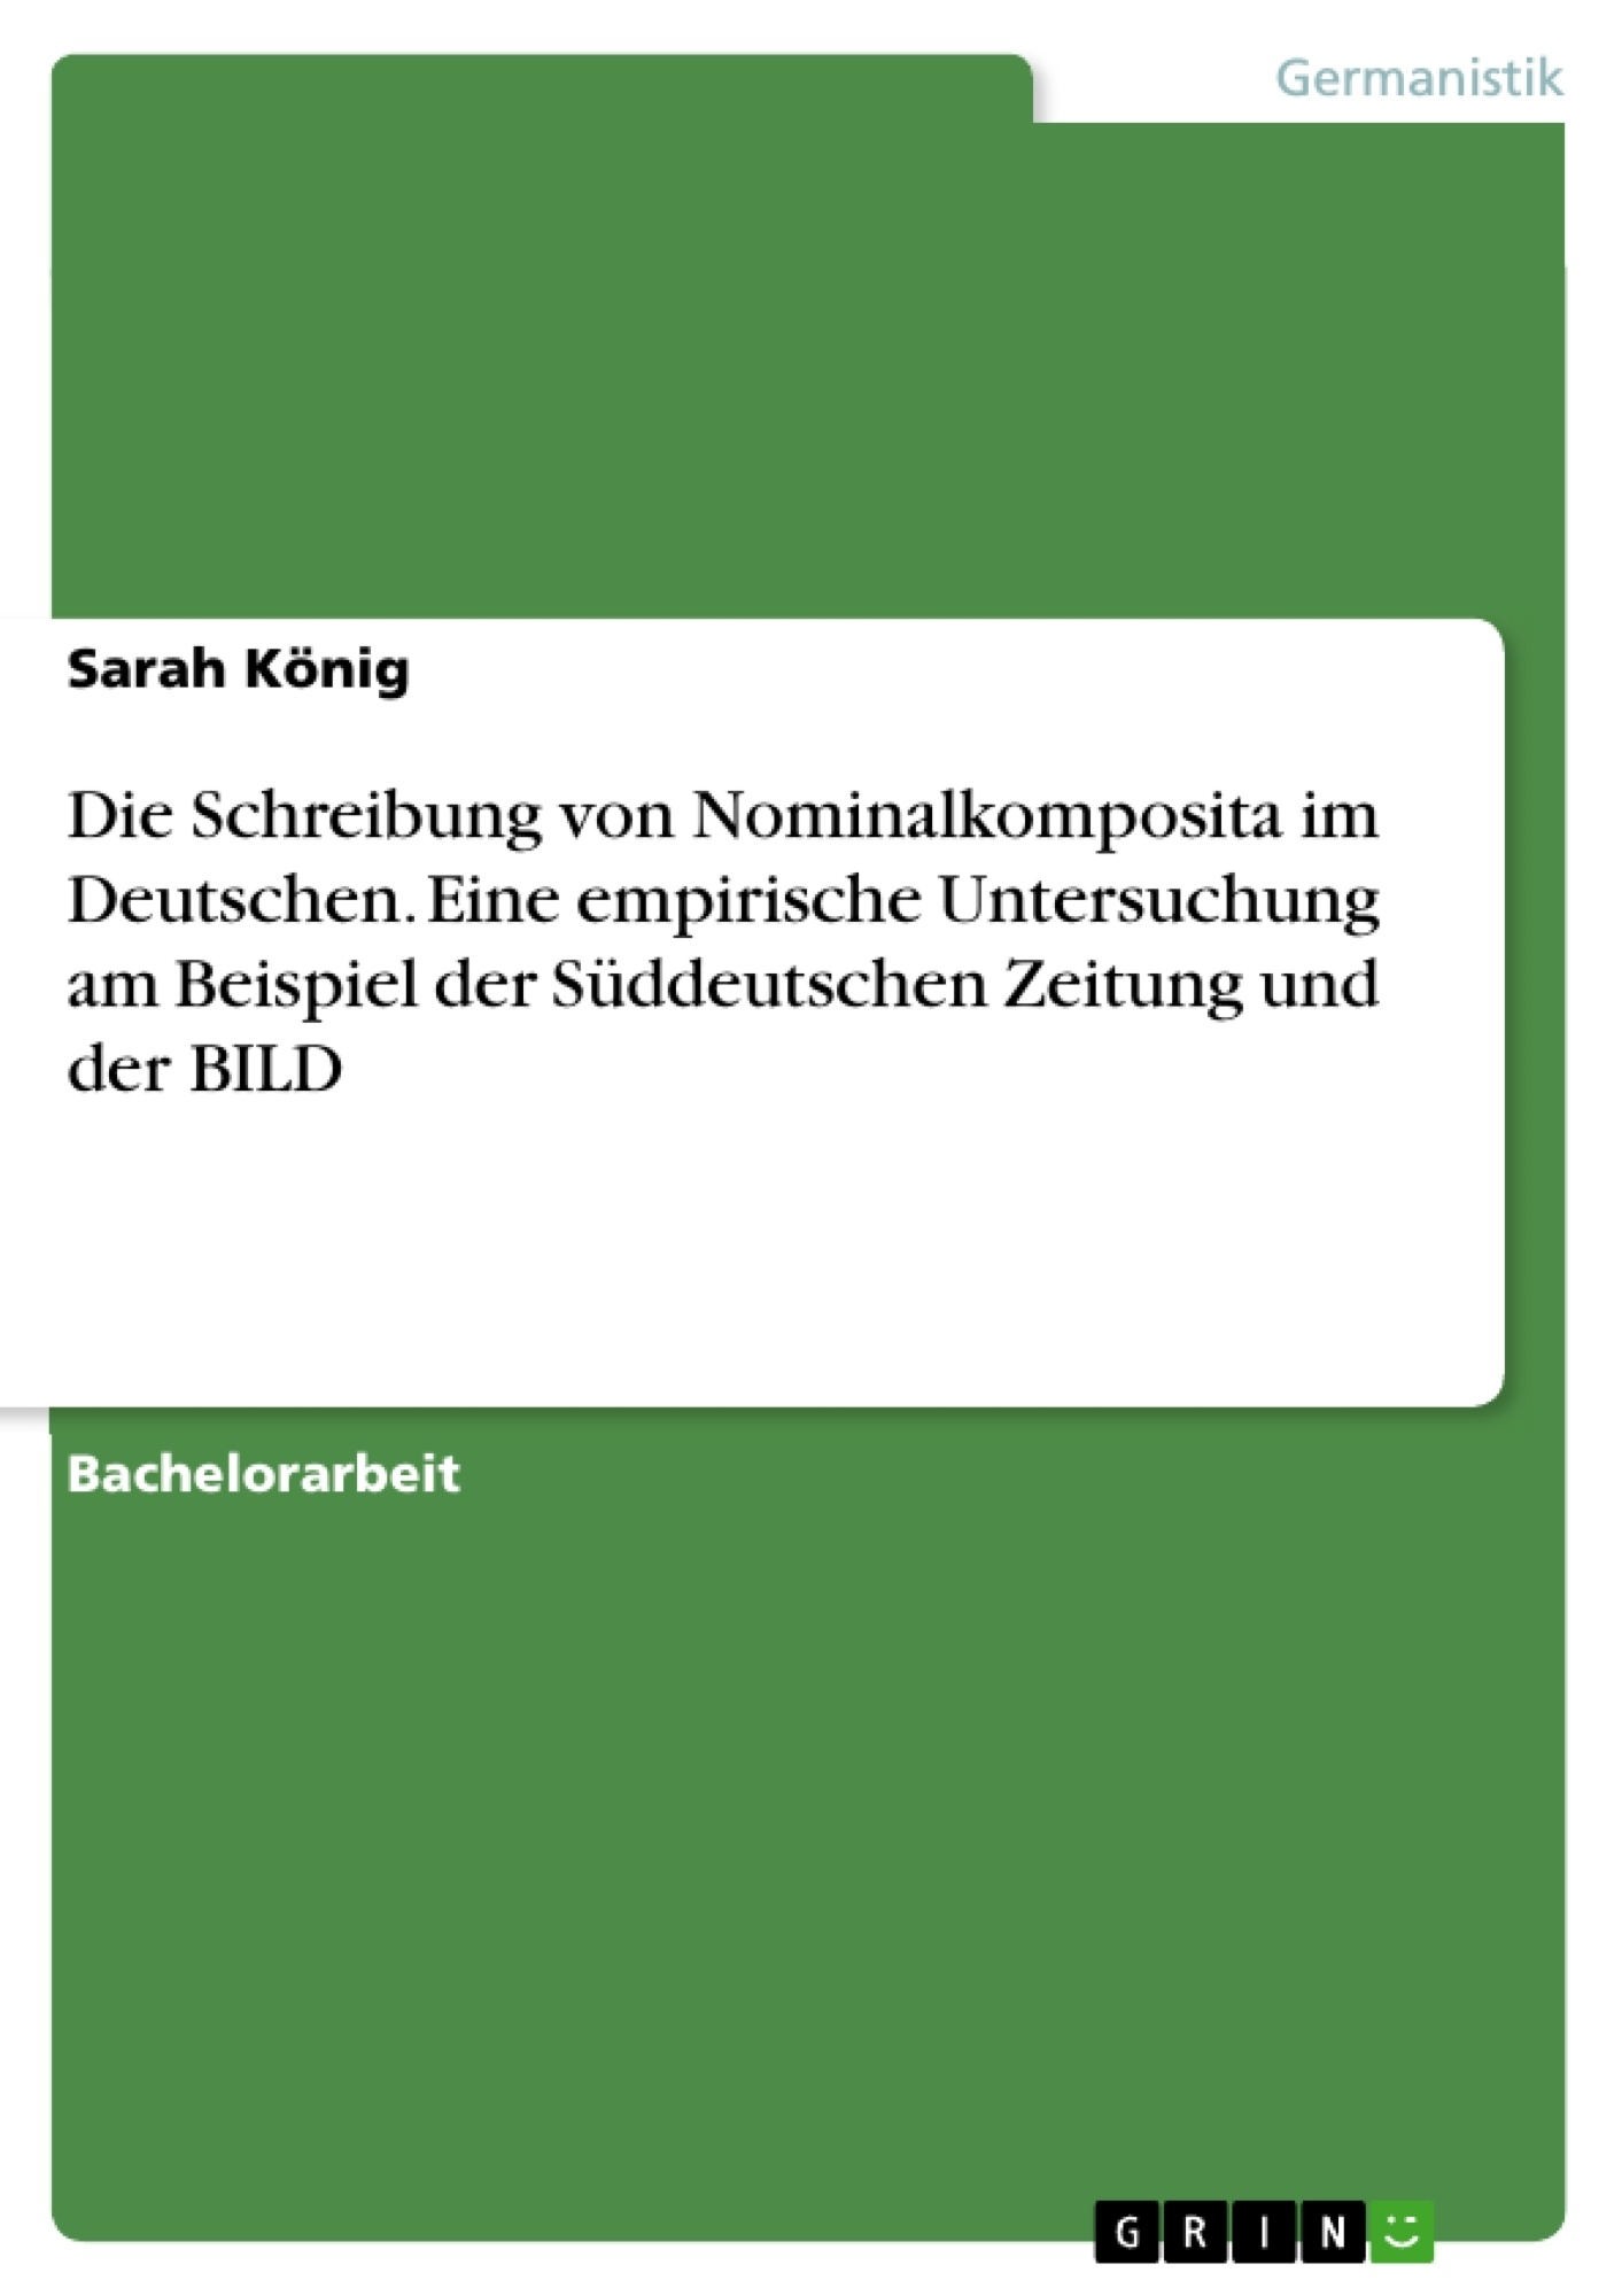 Titel: Die Schreibung von Nominalkomposita im Deutschen. Eine empirische Untersuchung am Beispiel der Süddeutschen Zeitung und der BILD